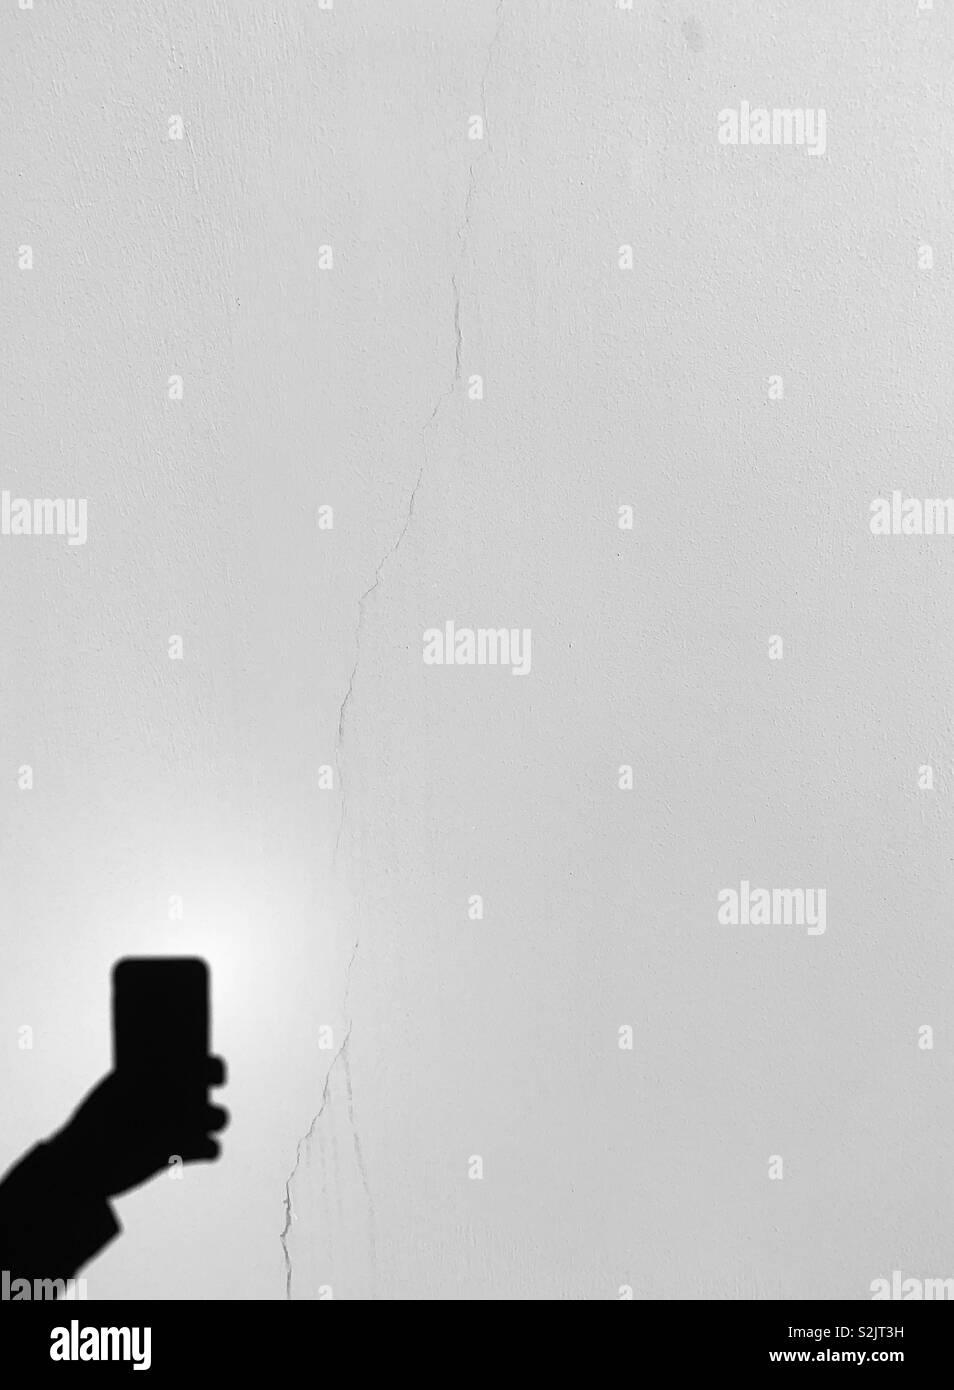 Einen Schatten von Hand mit einem Handy. Stockbild